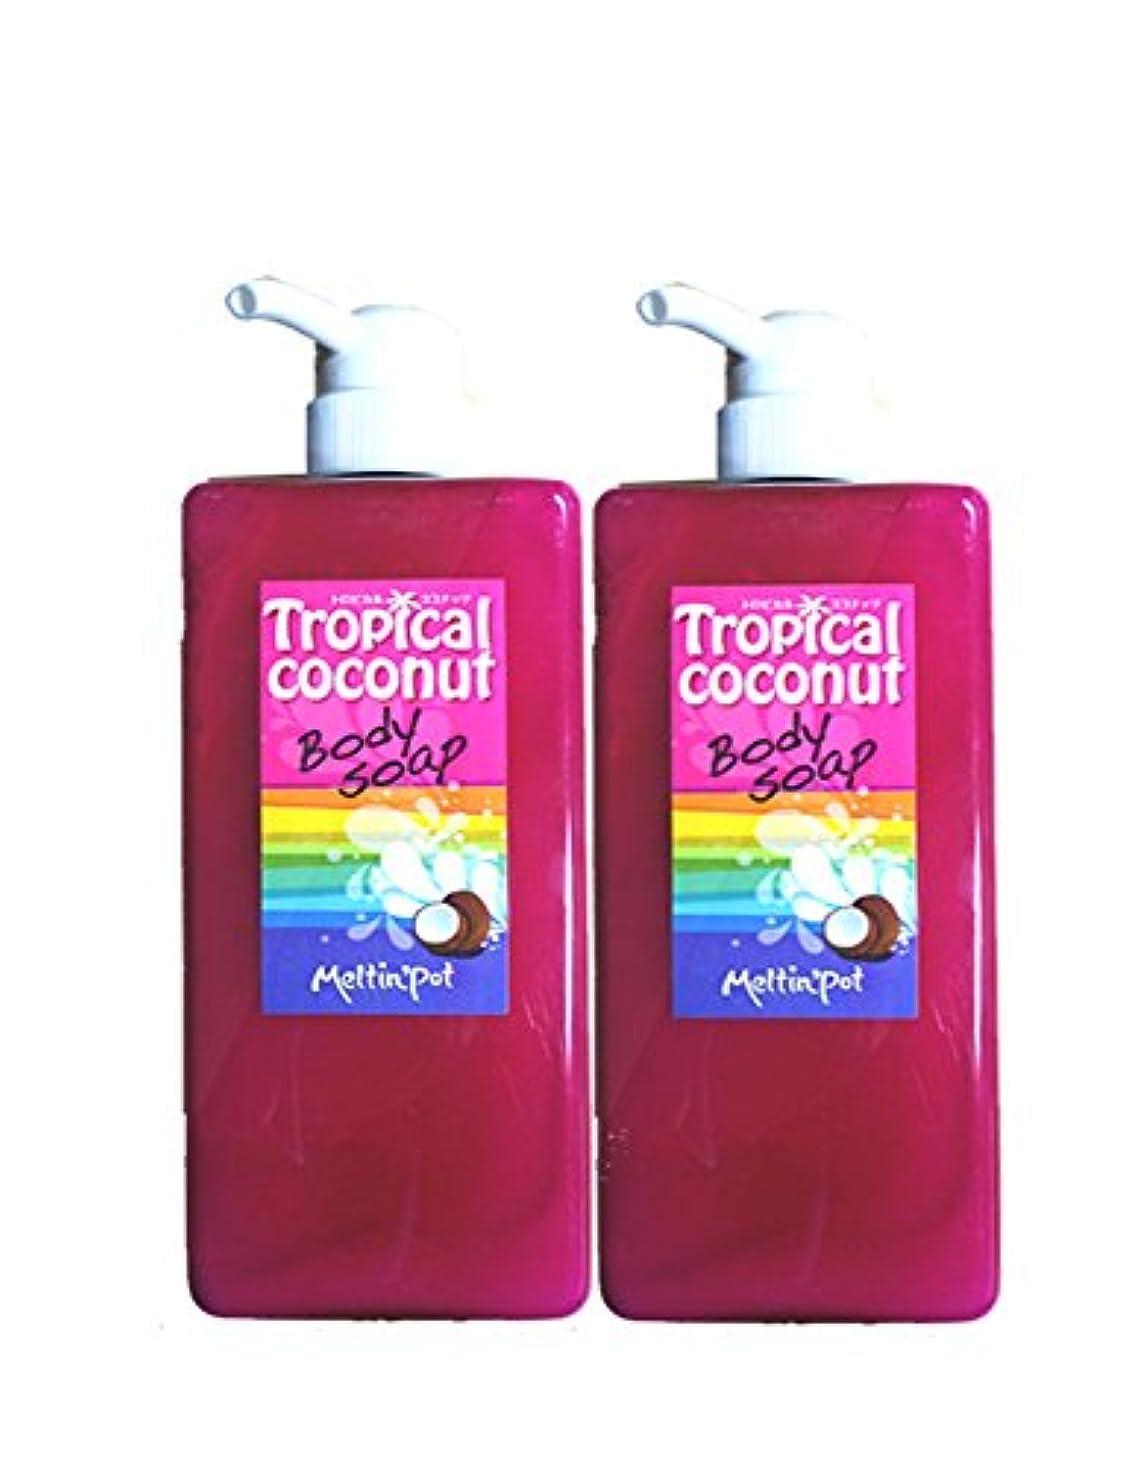 テロリストトリムハングトロピカルココナッツ ボディソープ 600ml*2セット Tropical coconut Body Soap 加齢臭に!